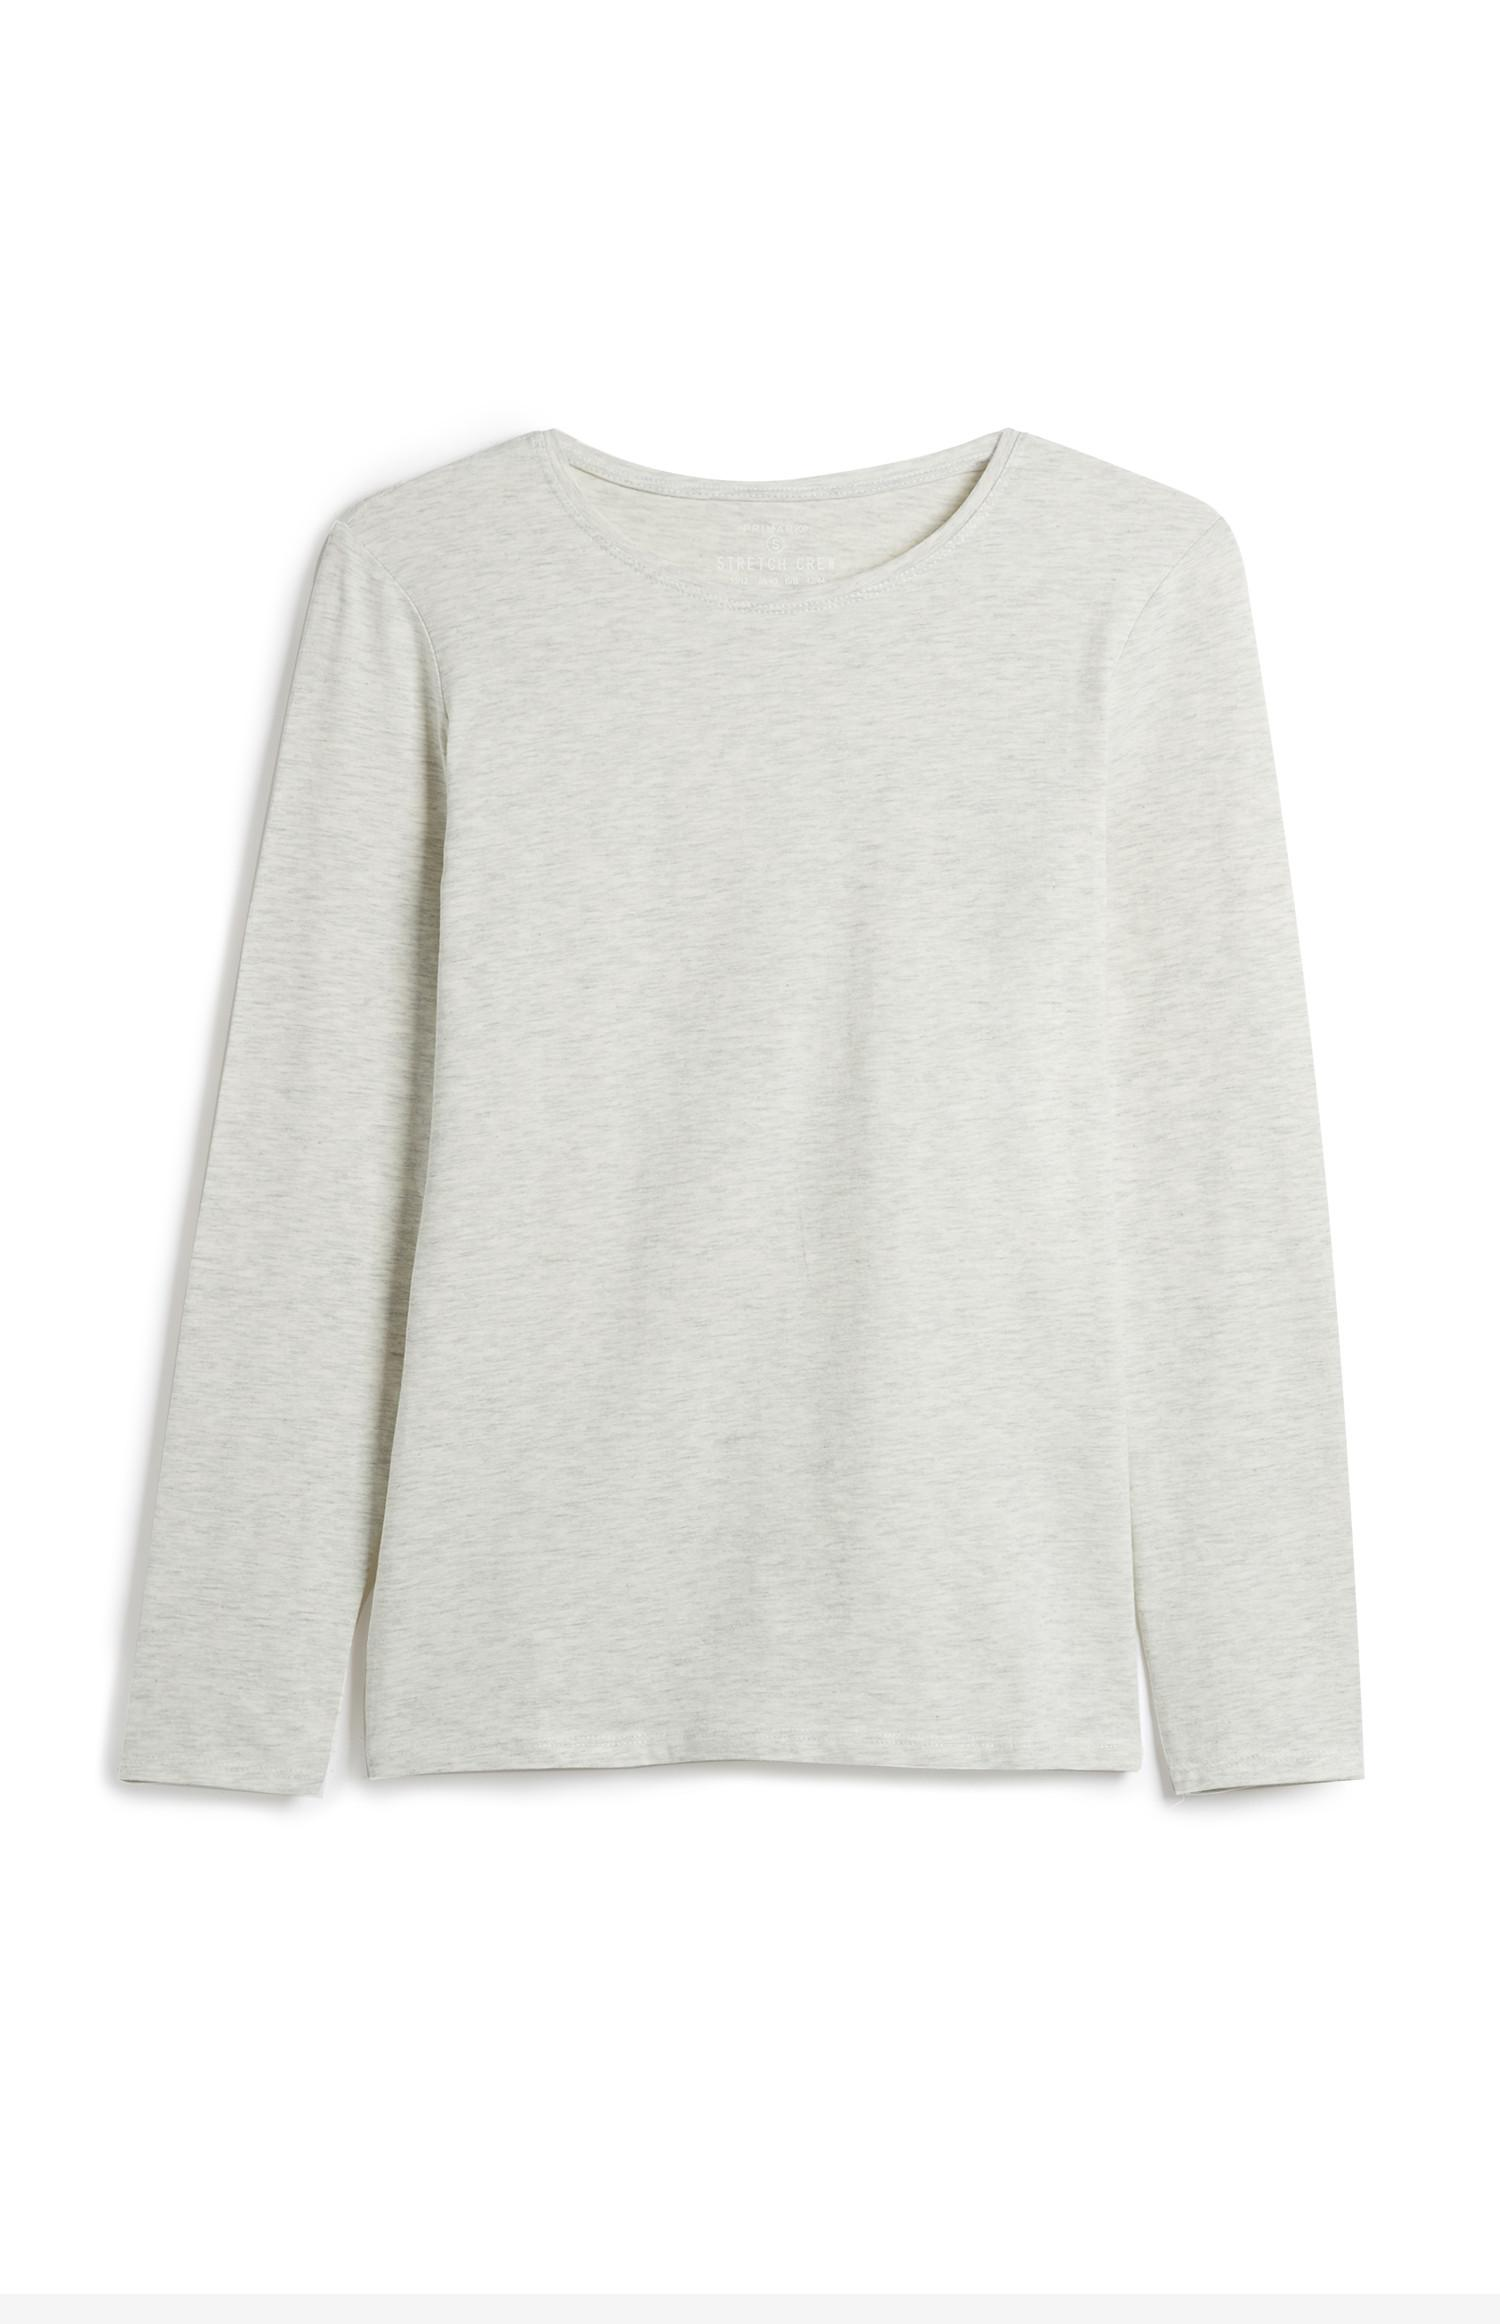 Oatmeal Long Sleeve Top